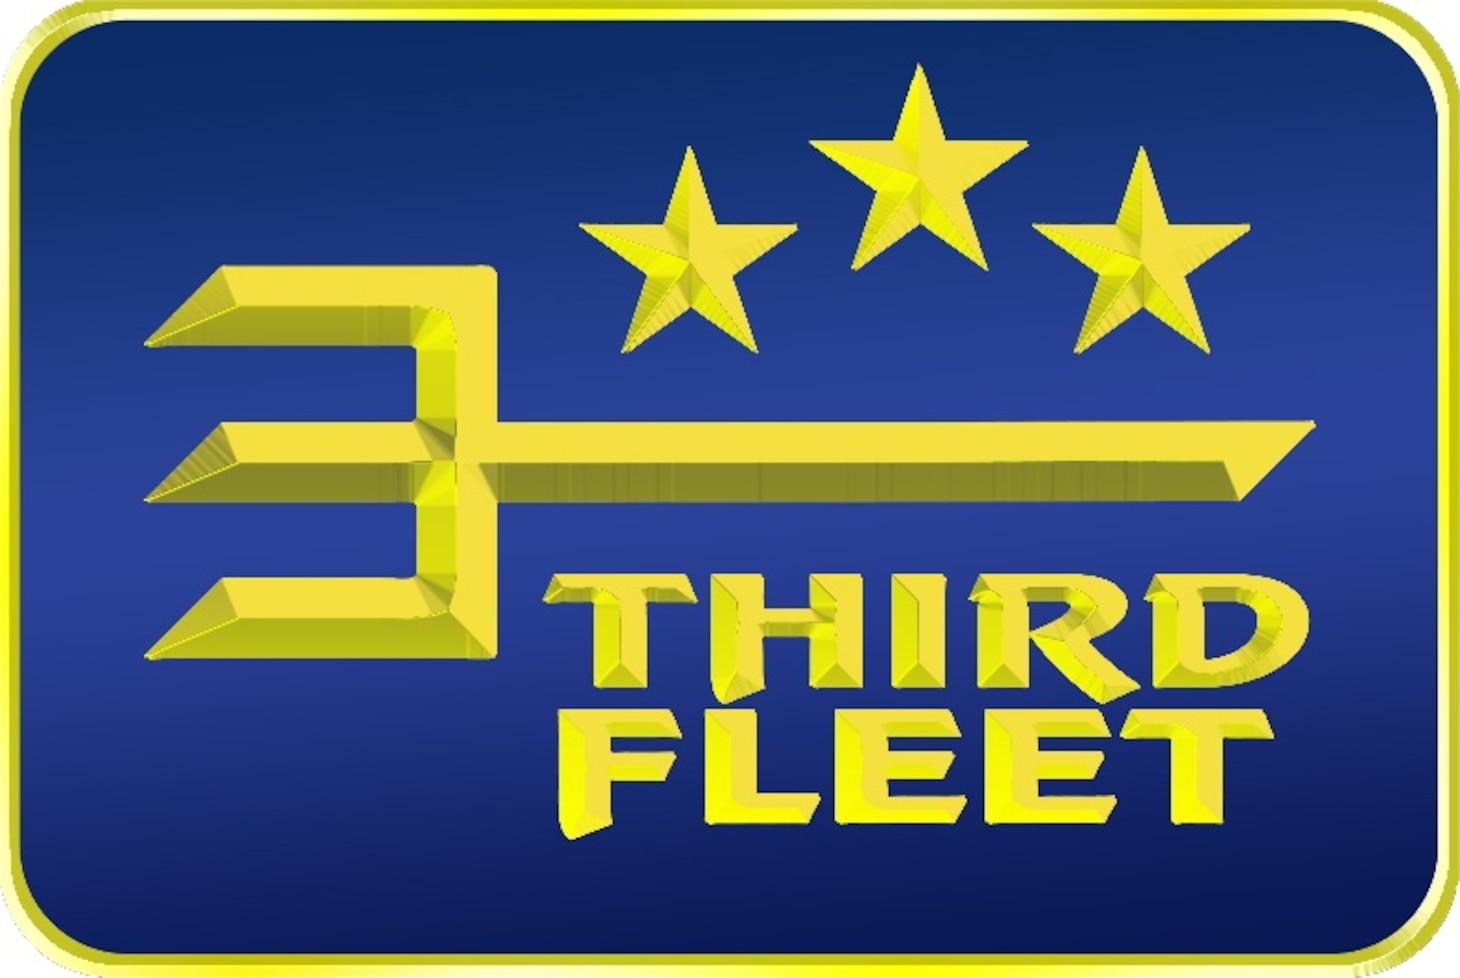 Coast Guard, Navy Seize Illicit Drugs in Third Fleet Waters